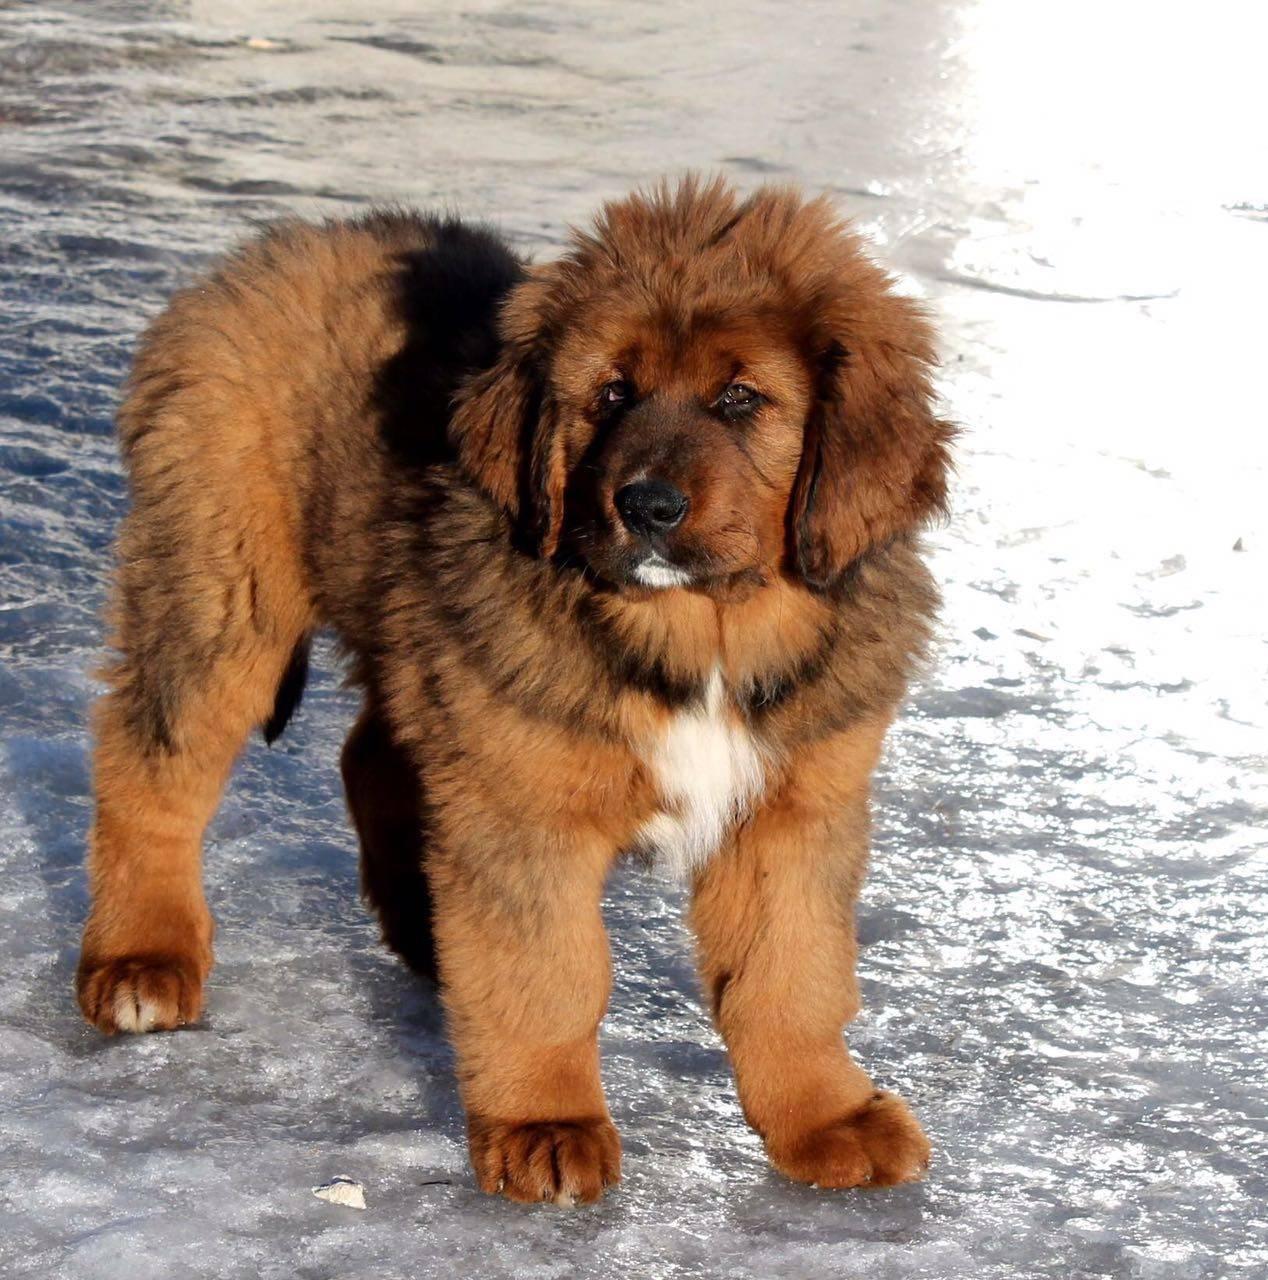 Английский мастиф: все о собаке, фото, описание породы, характер, цена